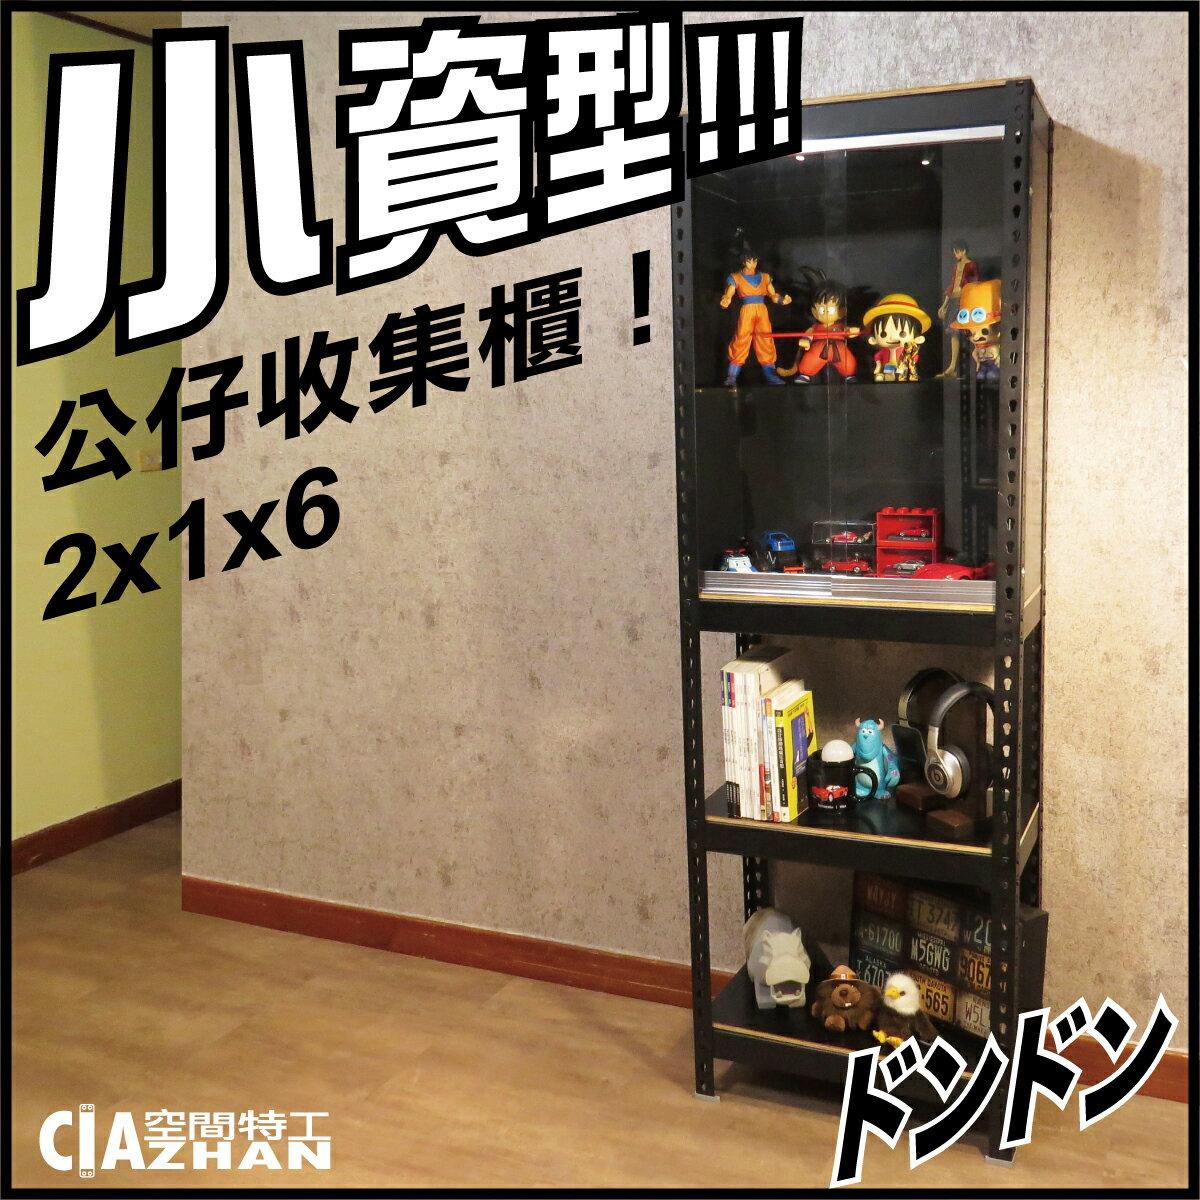 玻璃收藏櫃(60x30x180cm)小資型模型櫃 公仔櫃 收納架 角鋼置物架【空間特工】MIT台灣製 DOB2165